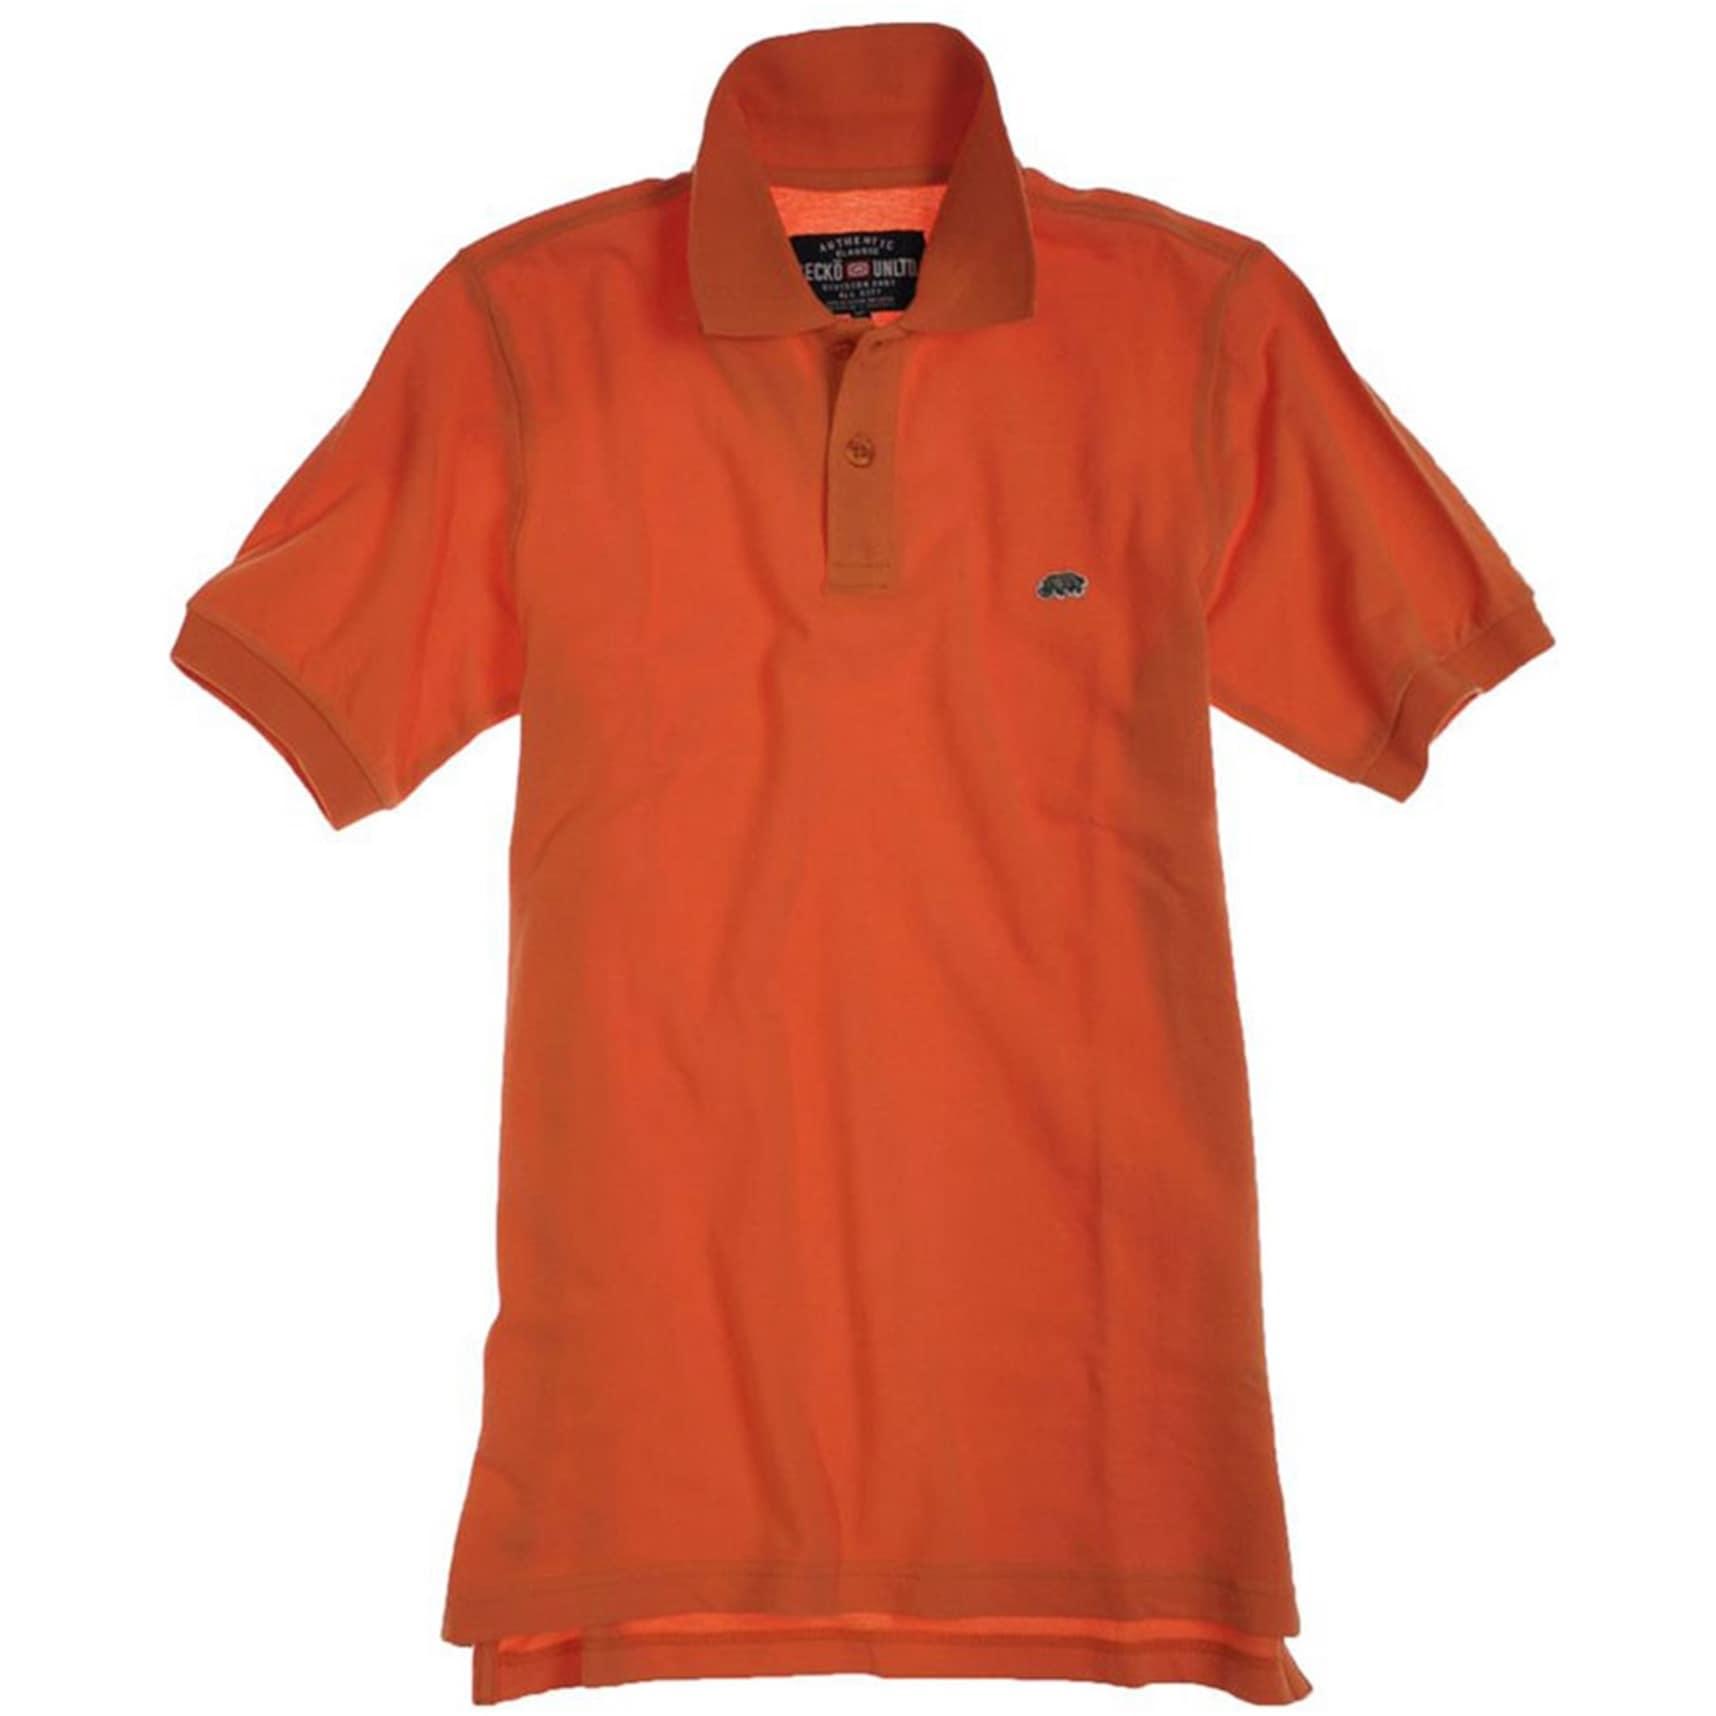 Mens EU 72 Official Trdmrk Crest Rugby Polo Shirt Ecko Unltd